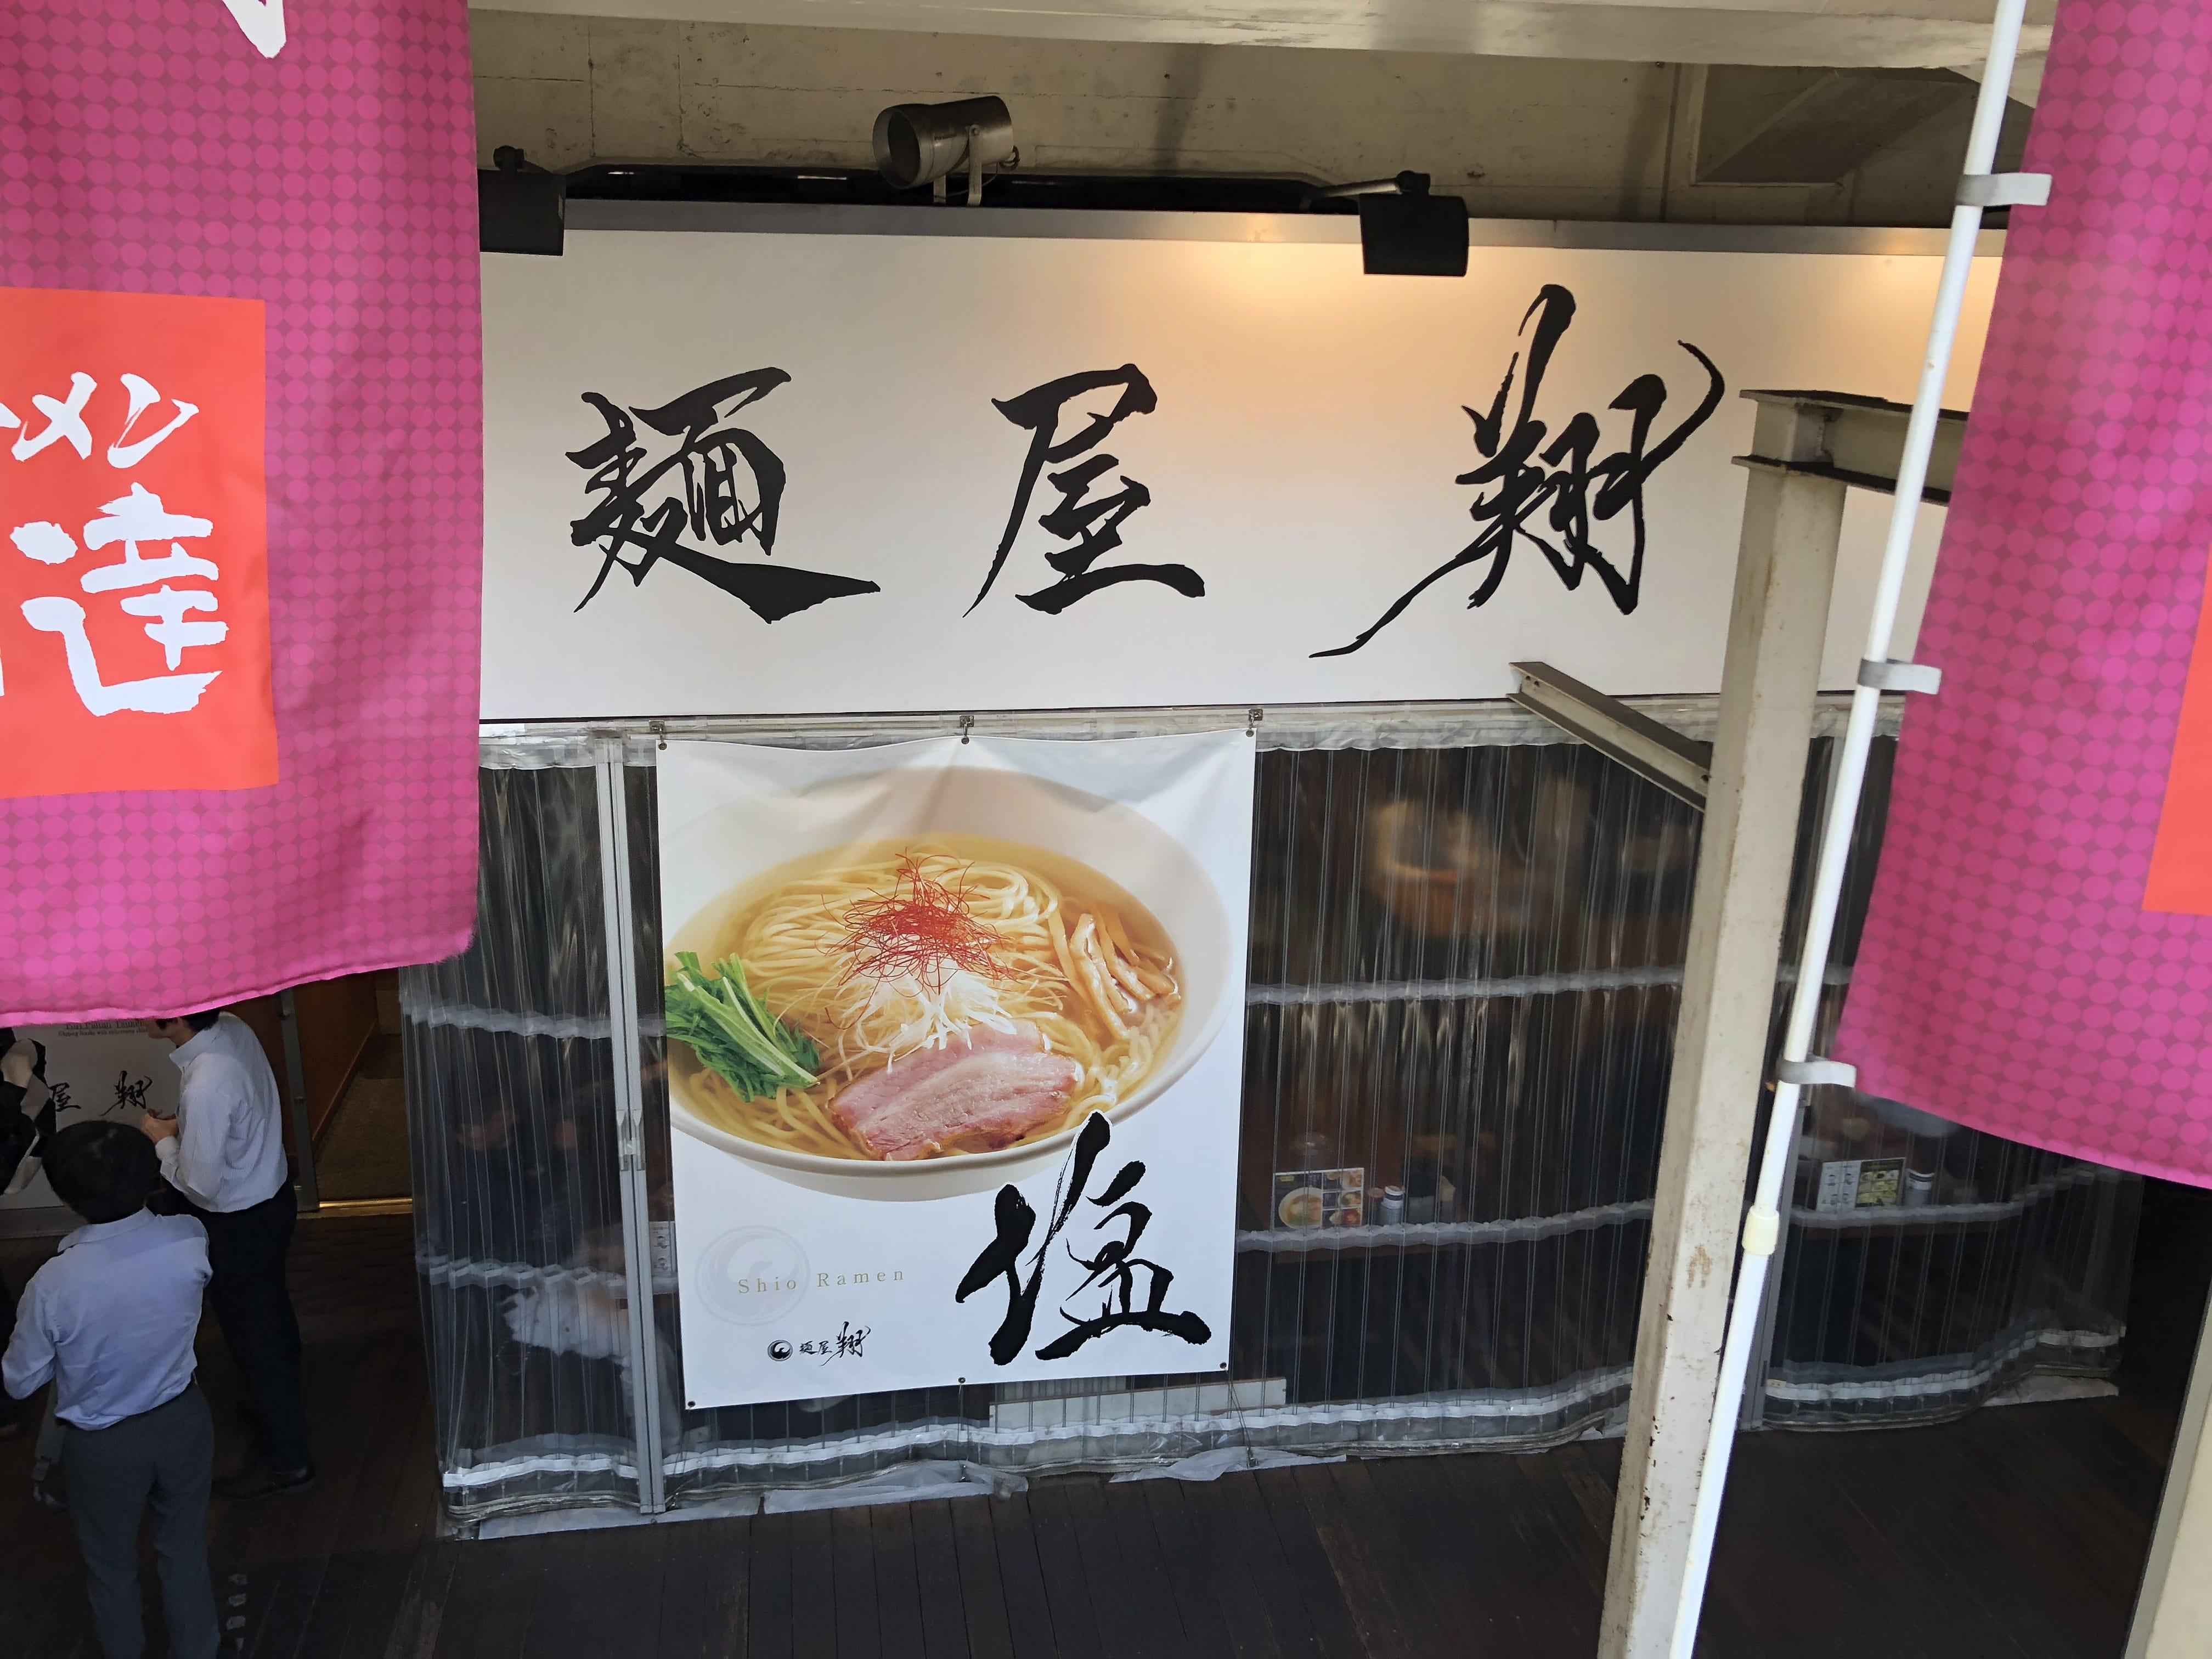 麺屋 翔 品川店 外観